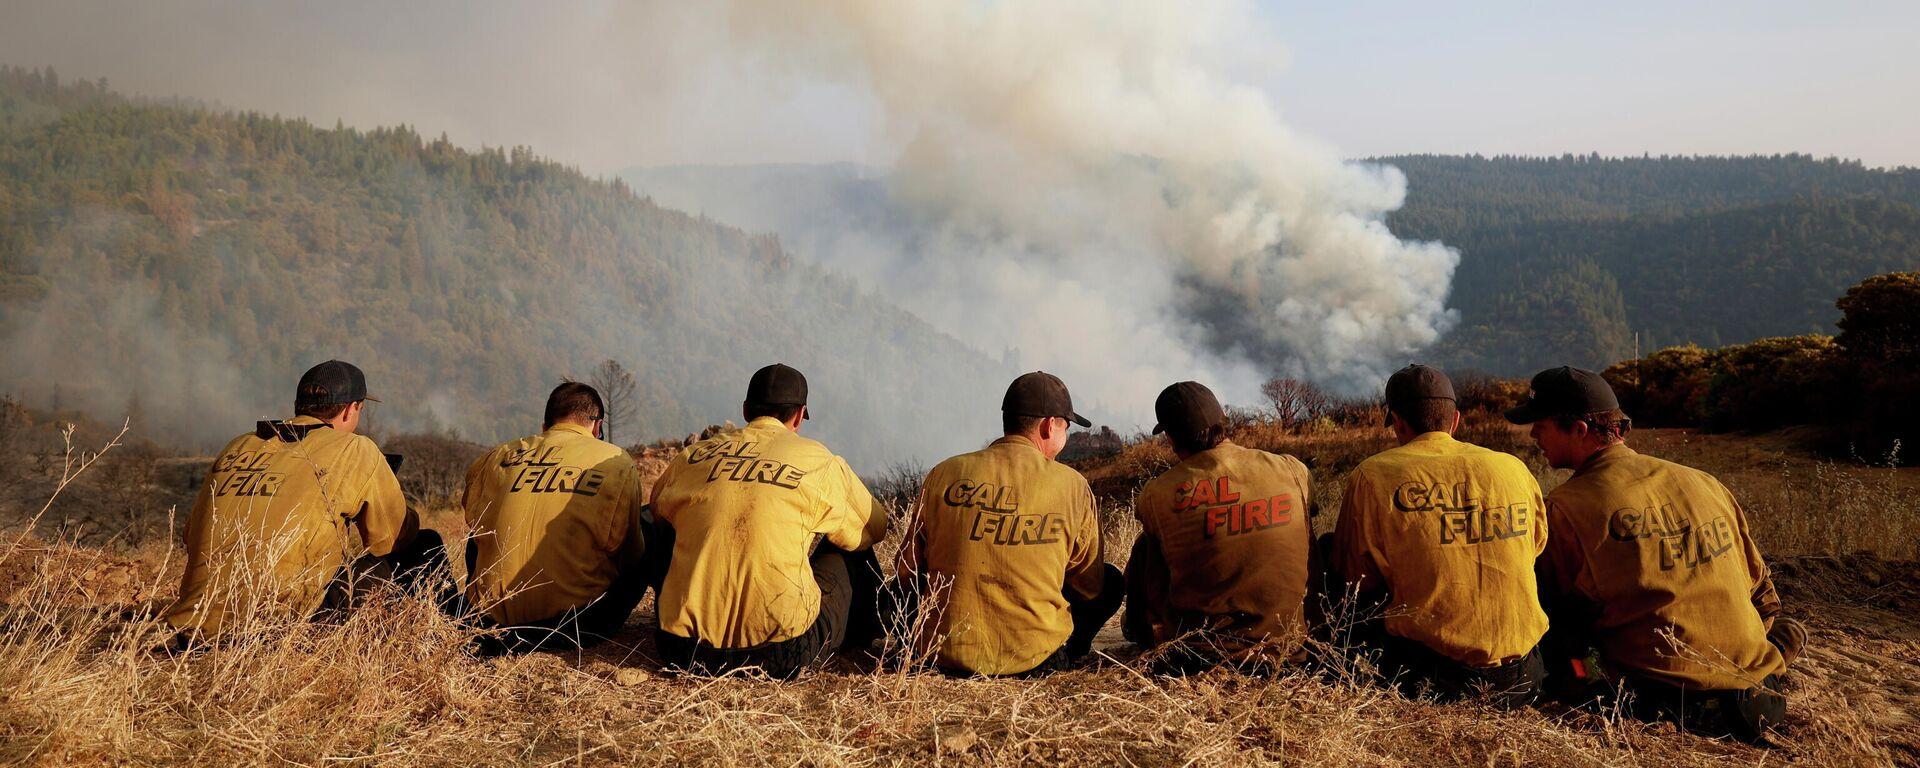 ABD'nin Kaliforniya eyaletinde orman yangını söndürme ekipleri - Sputnik Türkiye, 1920, 17.09.2021